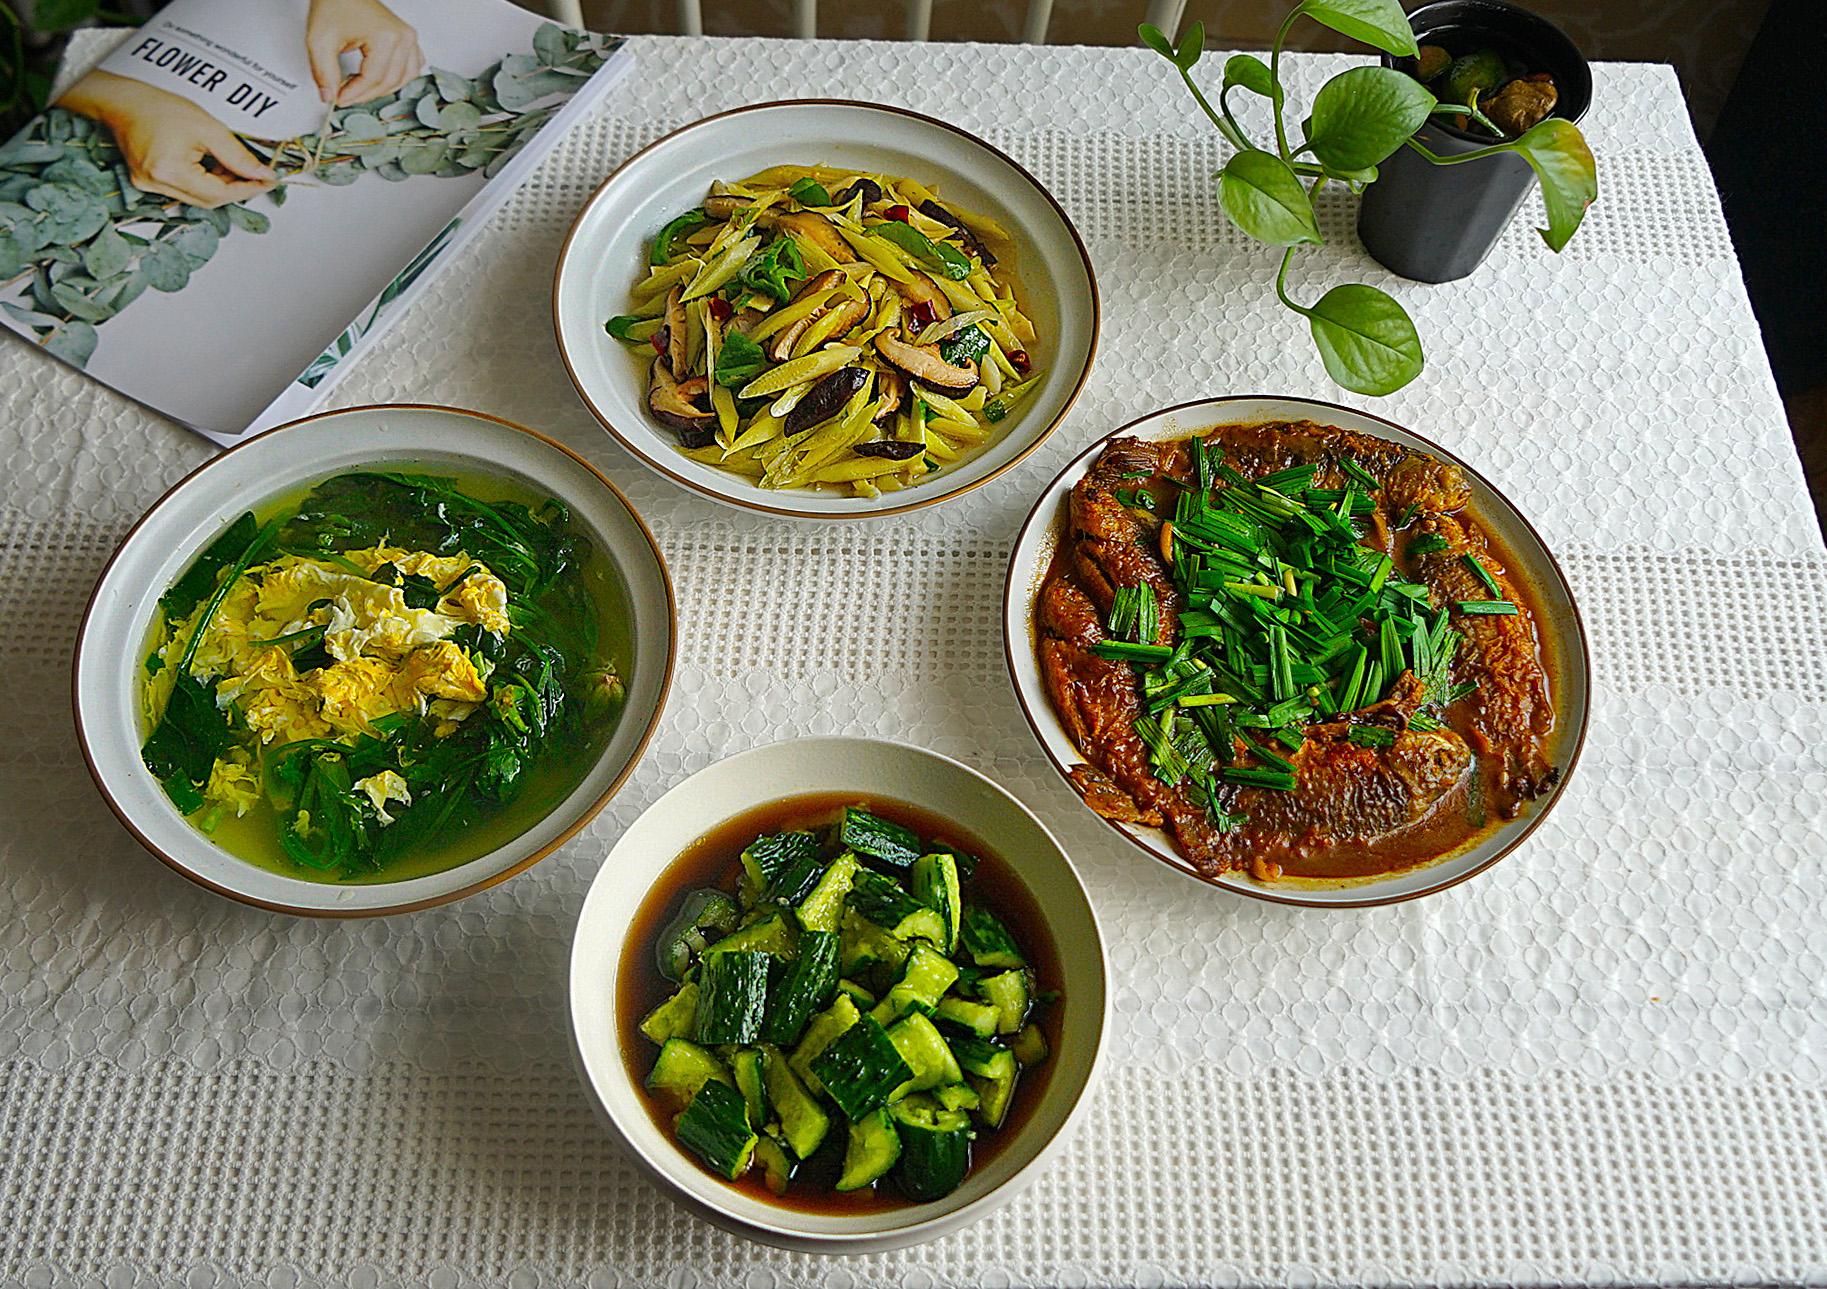 晒苏北一家人的清淡午餐 美食做法 第1张